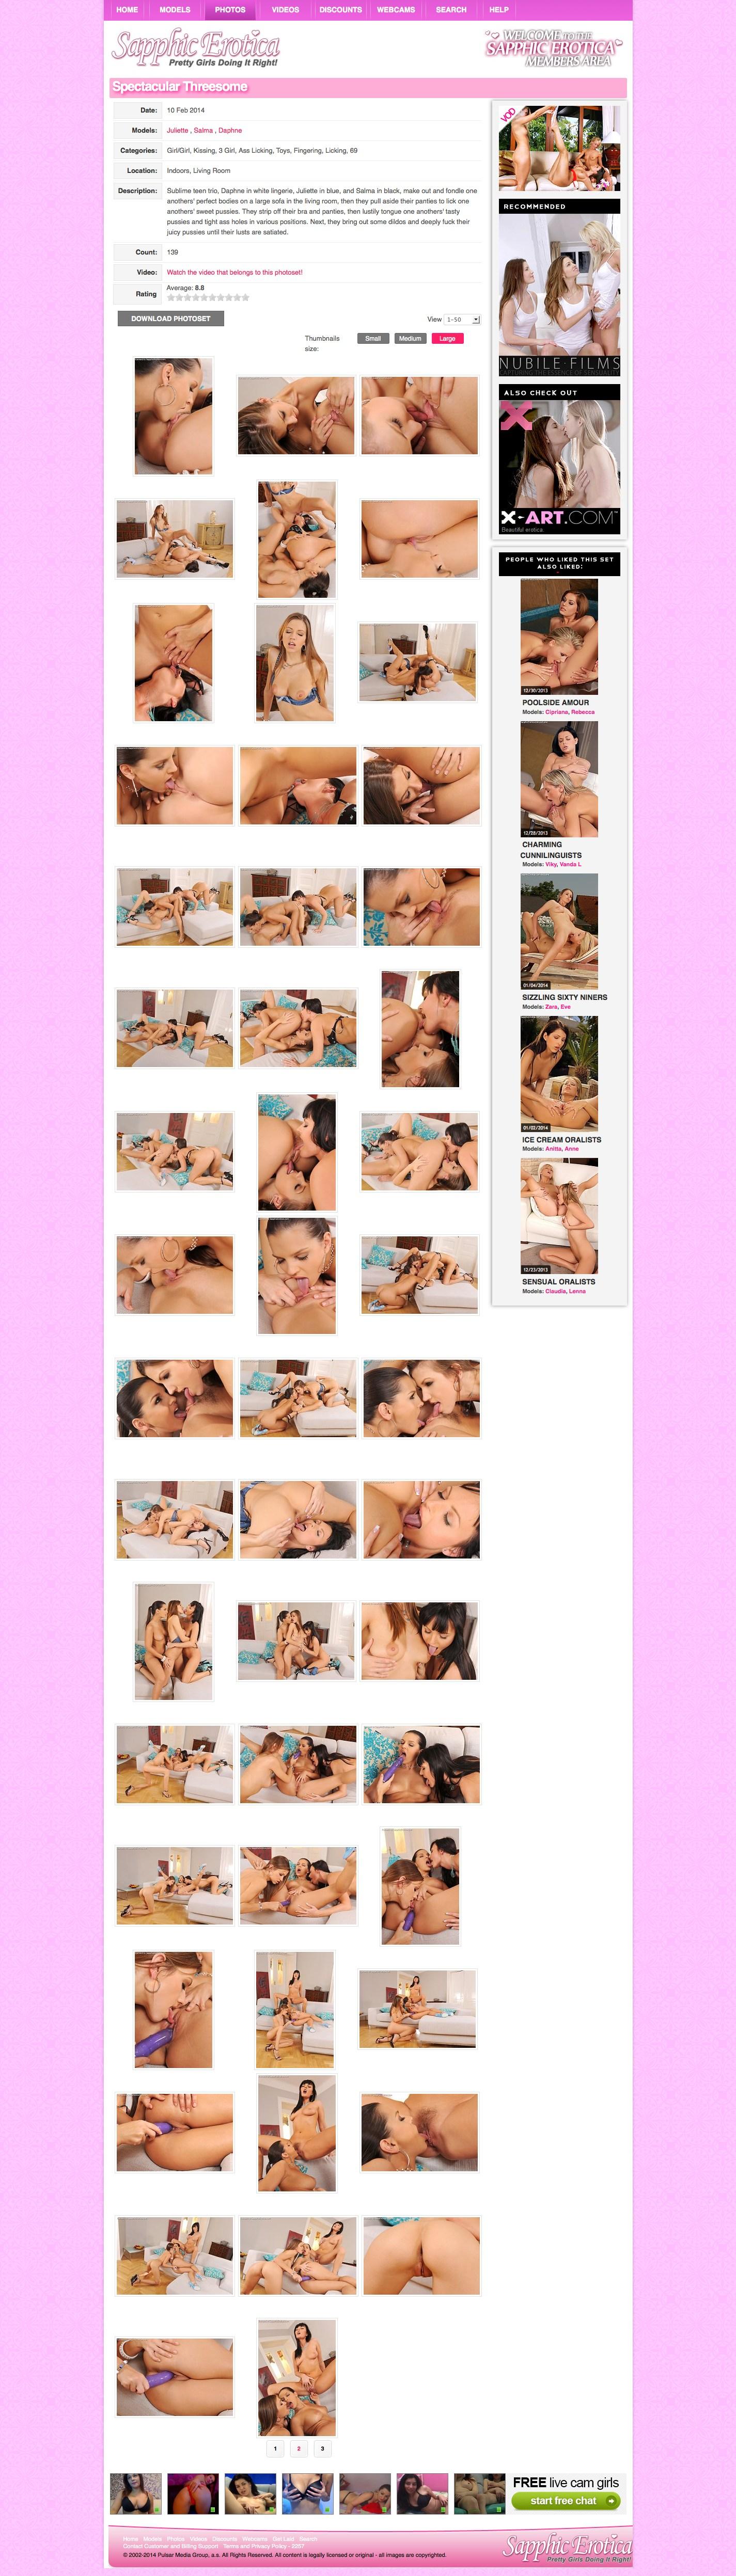 Sapphic Erotica photos